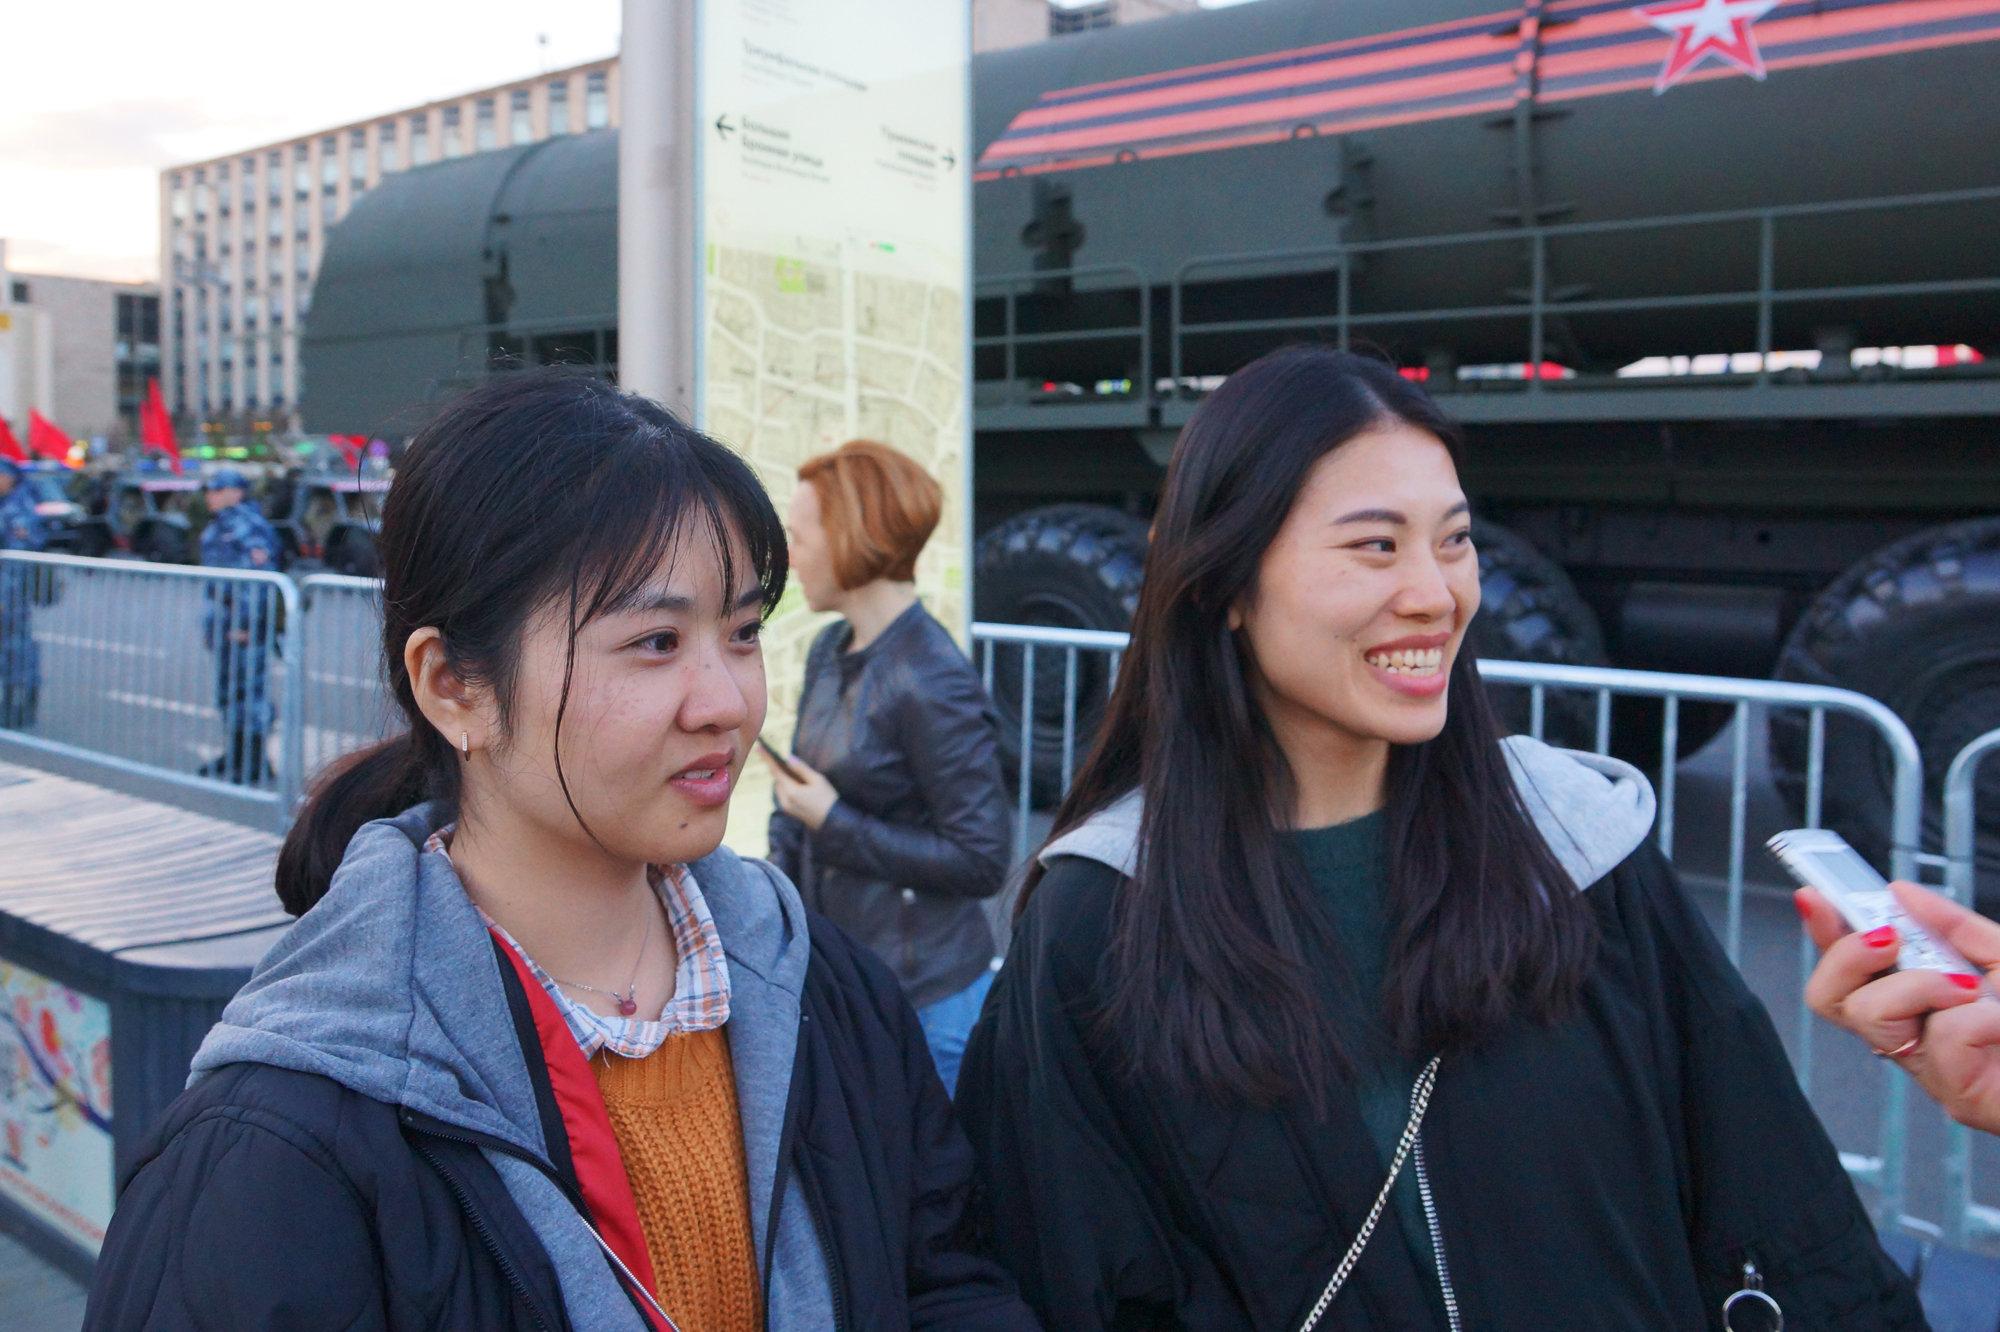 来自深圳的杨瑾艺和林素萍